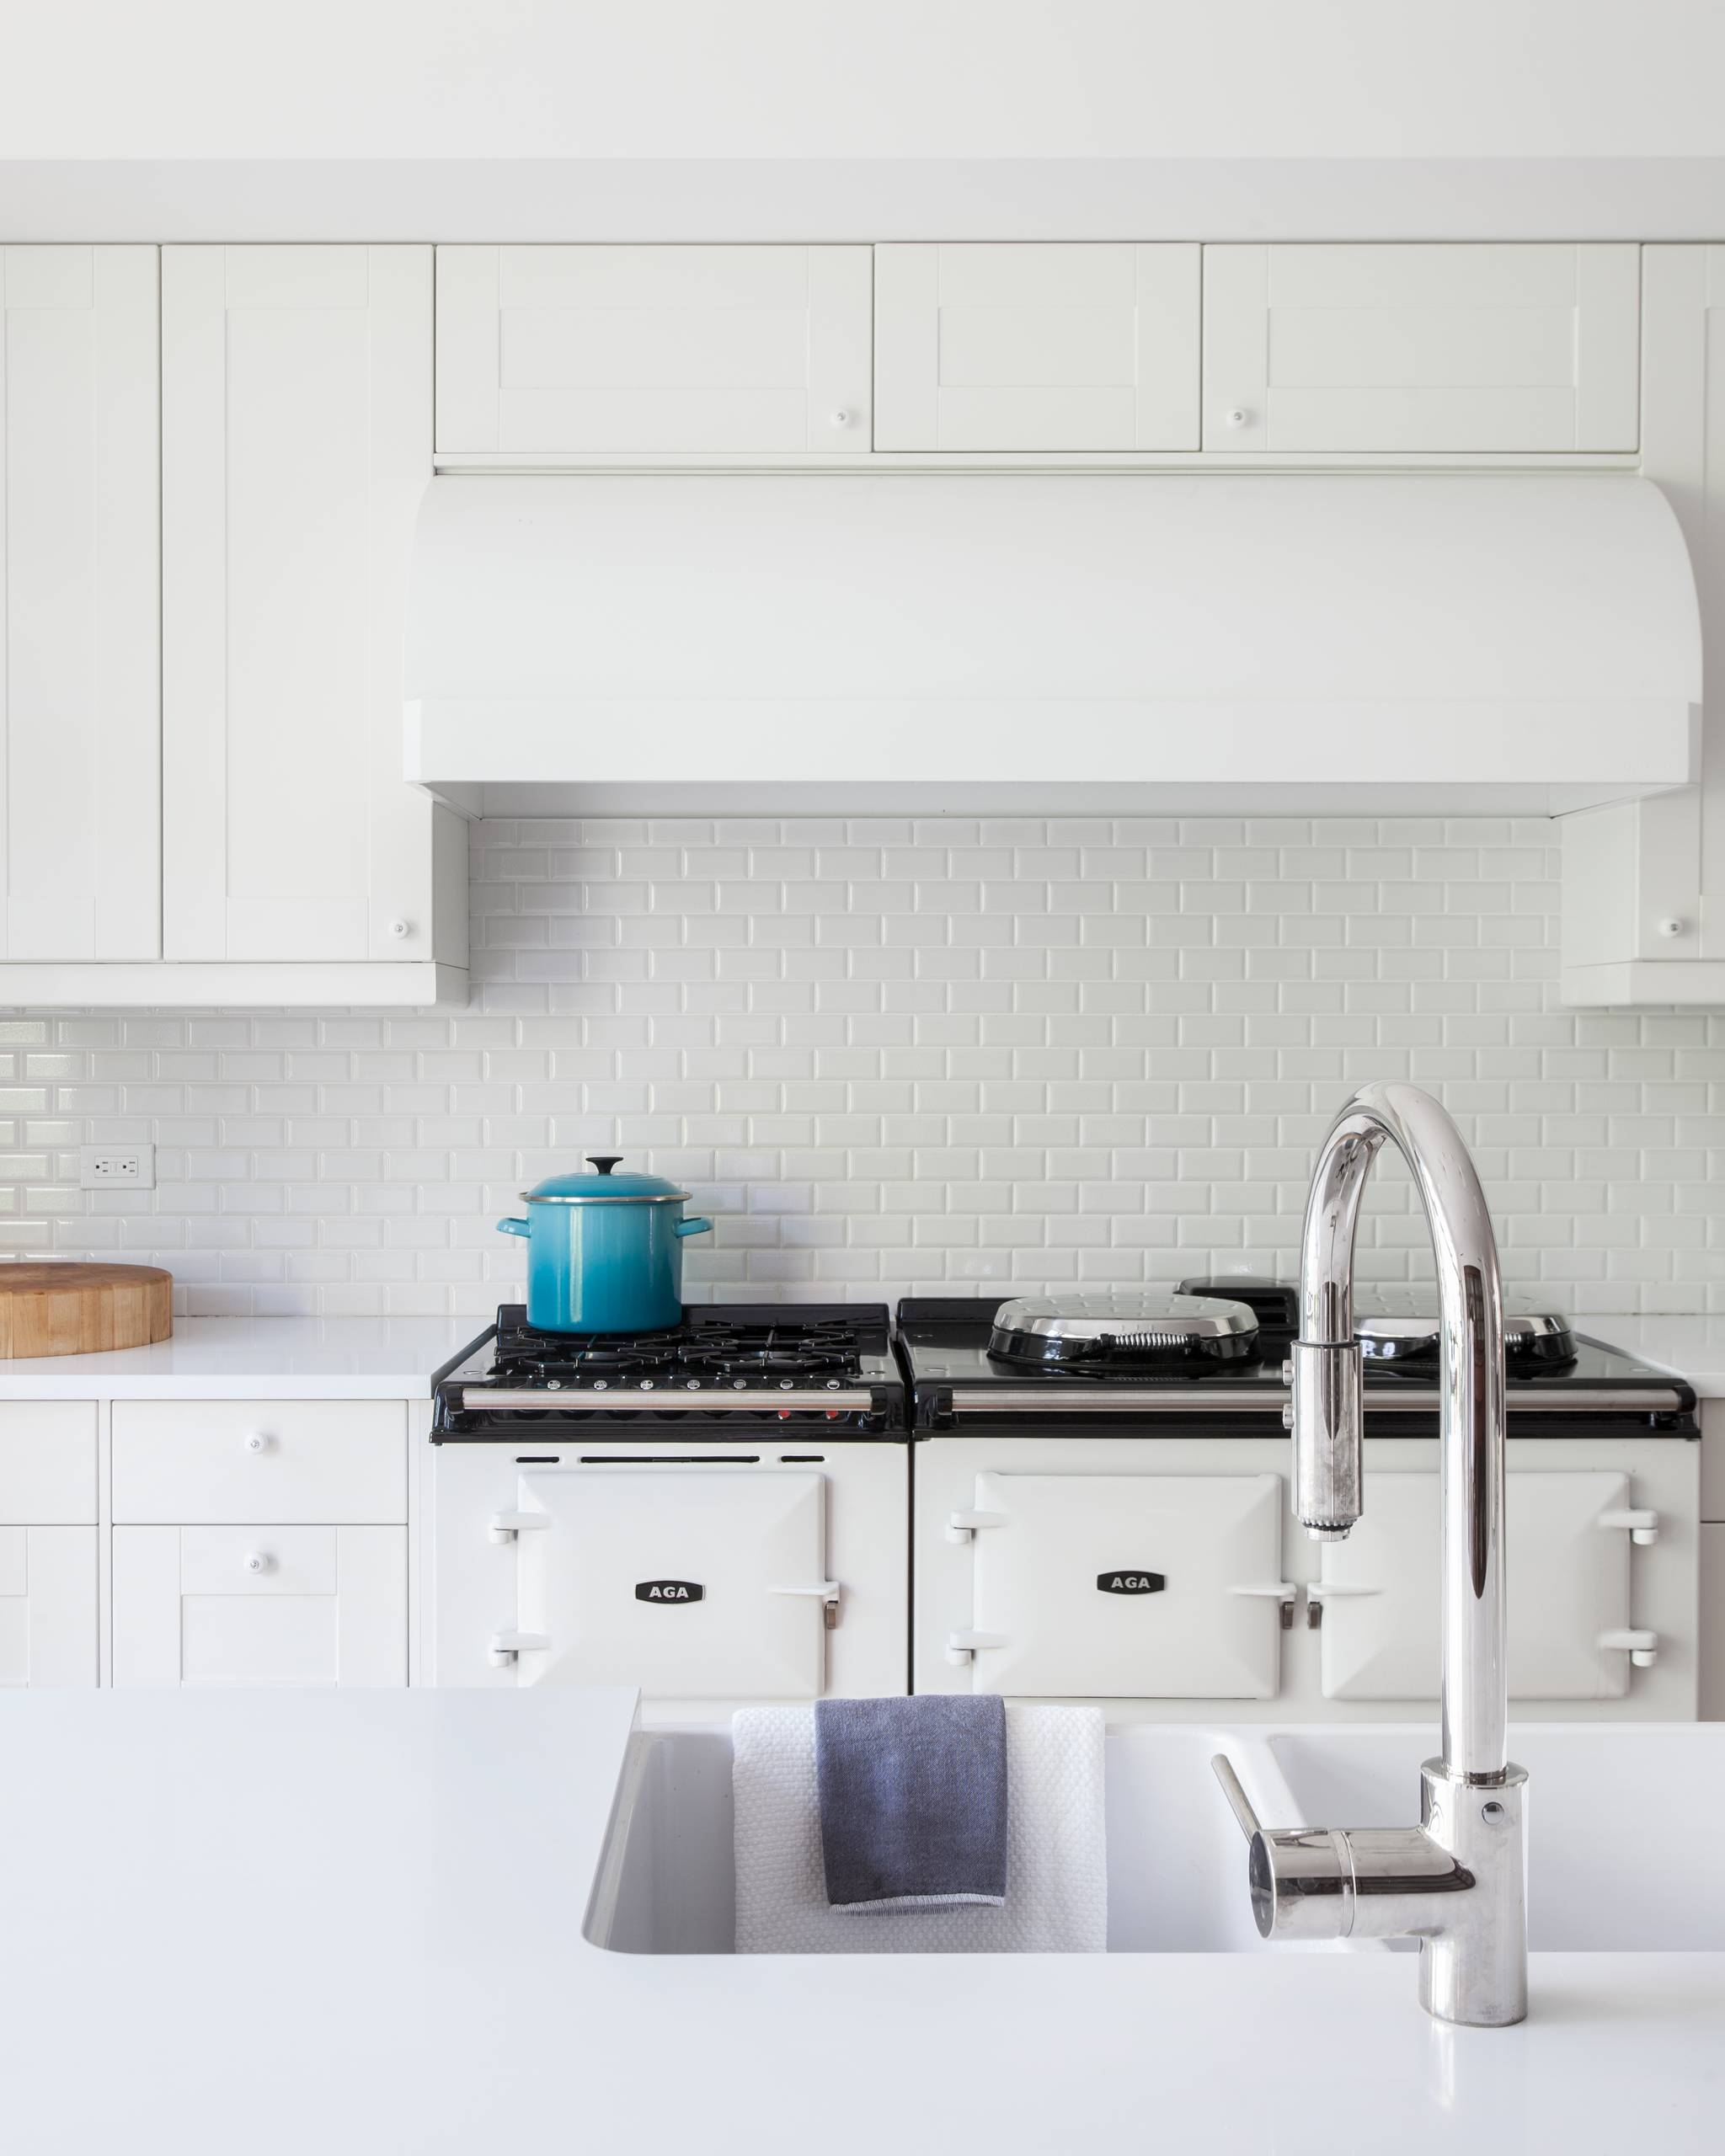 Innovation in Design Award Wiinner: Kitchen Design October 2014